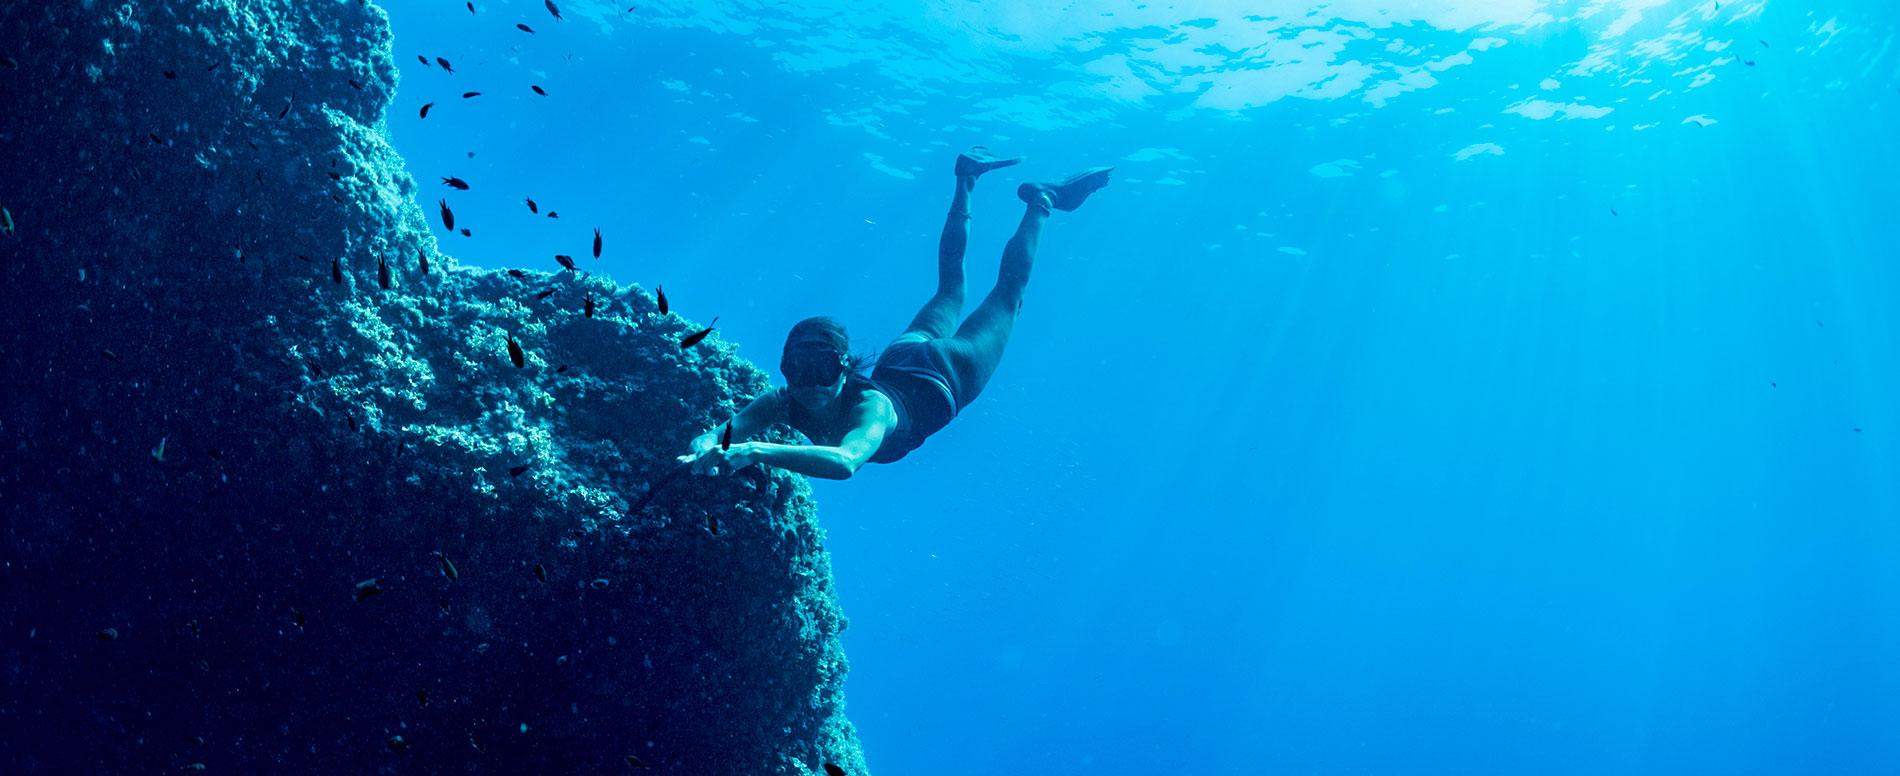 snorkeling da sorrento napoli